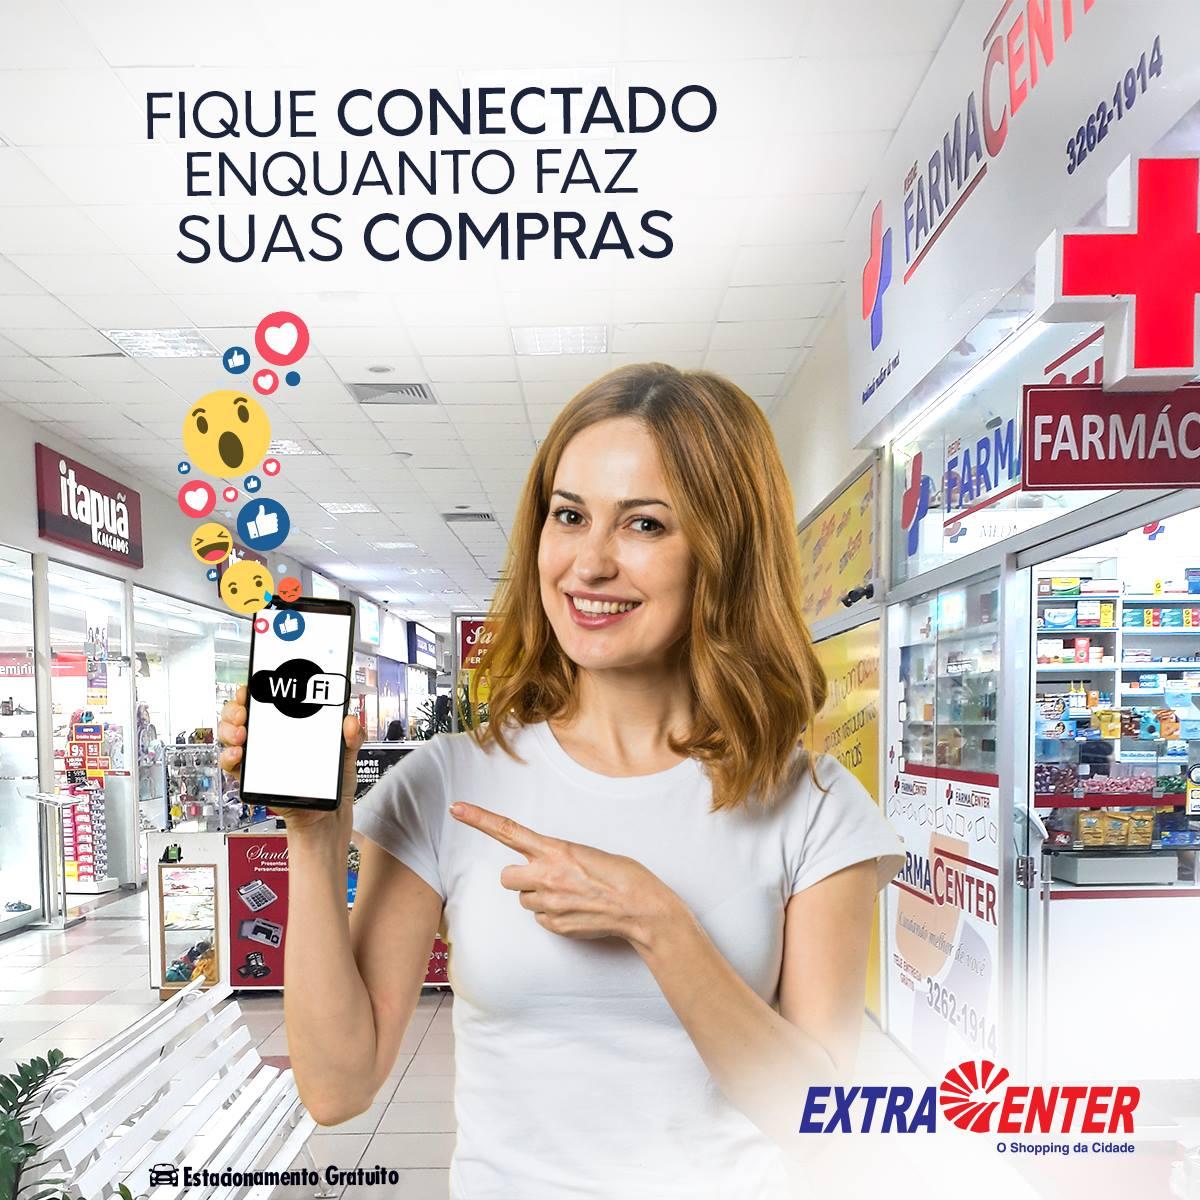 Continuar conectado enquanto faz suas compras? ?? No ExtraCenter isso não é problema. Desfrute da nossa comodidade usando nosso wifi!